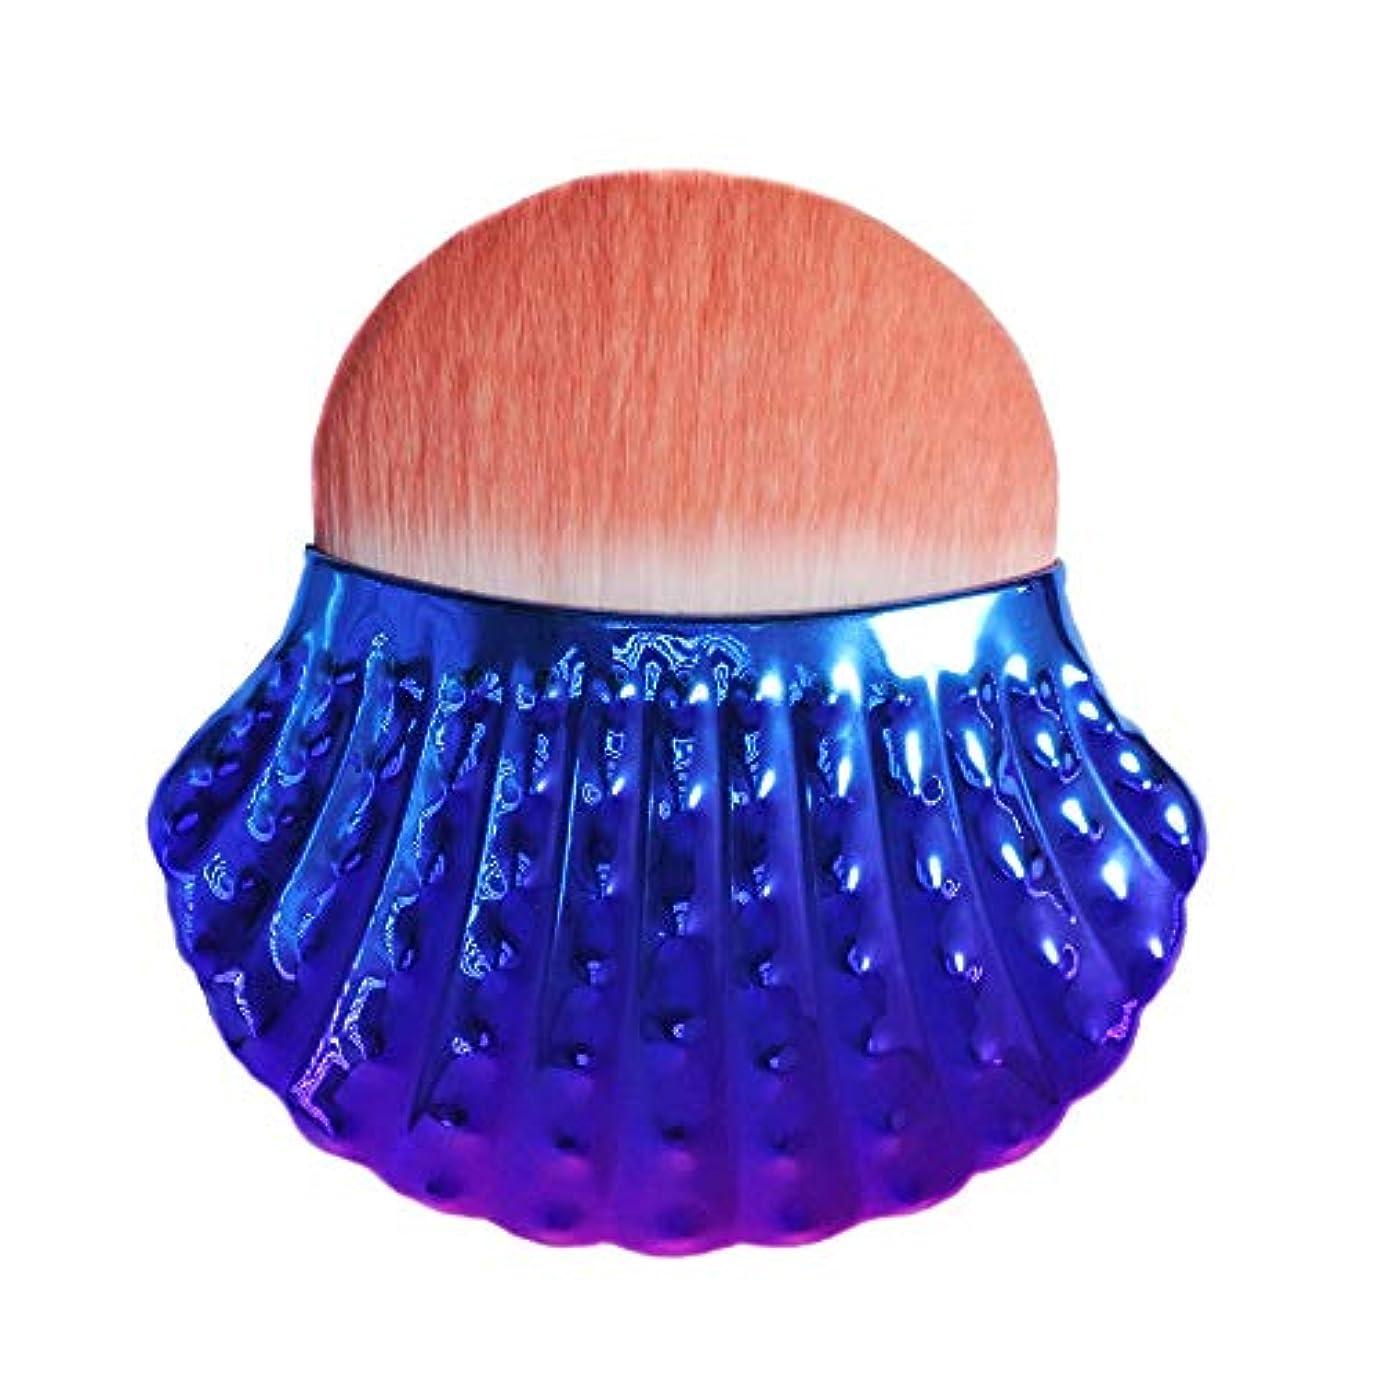 小道具バーベキュー復讐Makeup brushes 青、独占シェルタイプブラッシュブラシ美容メイクブラシツールポータブル多機能メイクブラシ suits (Color : Blue)